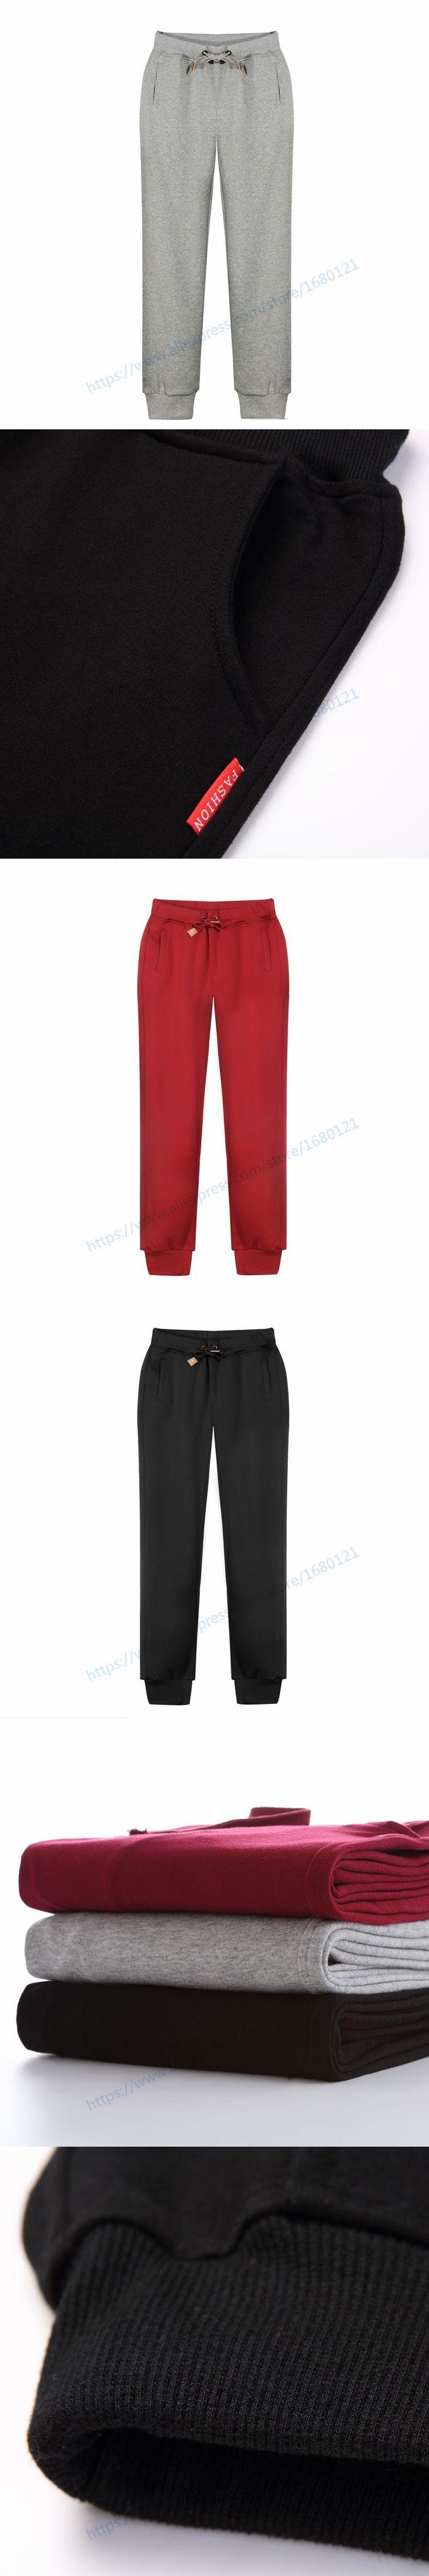 Men Casual Pants Men'S Sweatpants Clothing 2017 Trousers Mens Joggers Pantalones Hombre Drawstring Workout Pants for Men S-XXXL